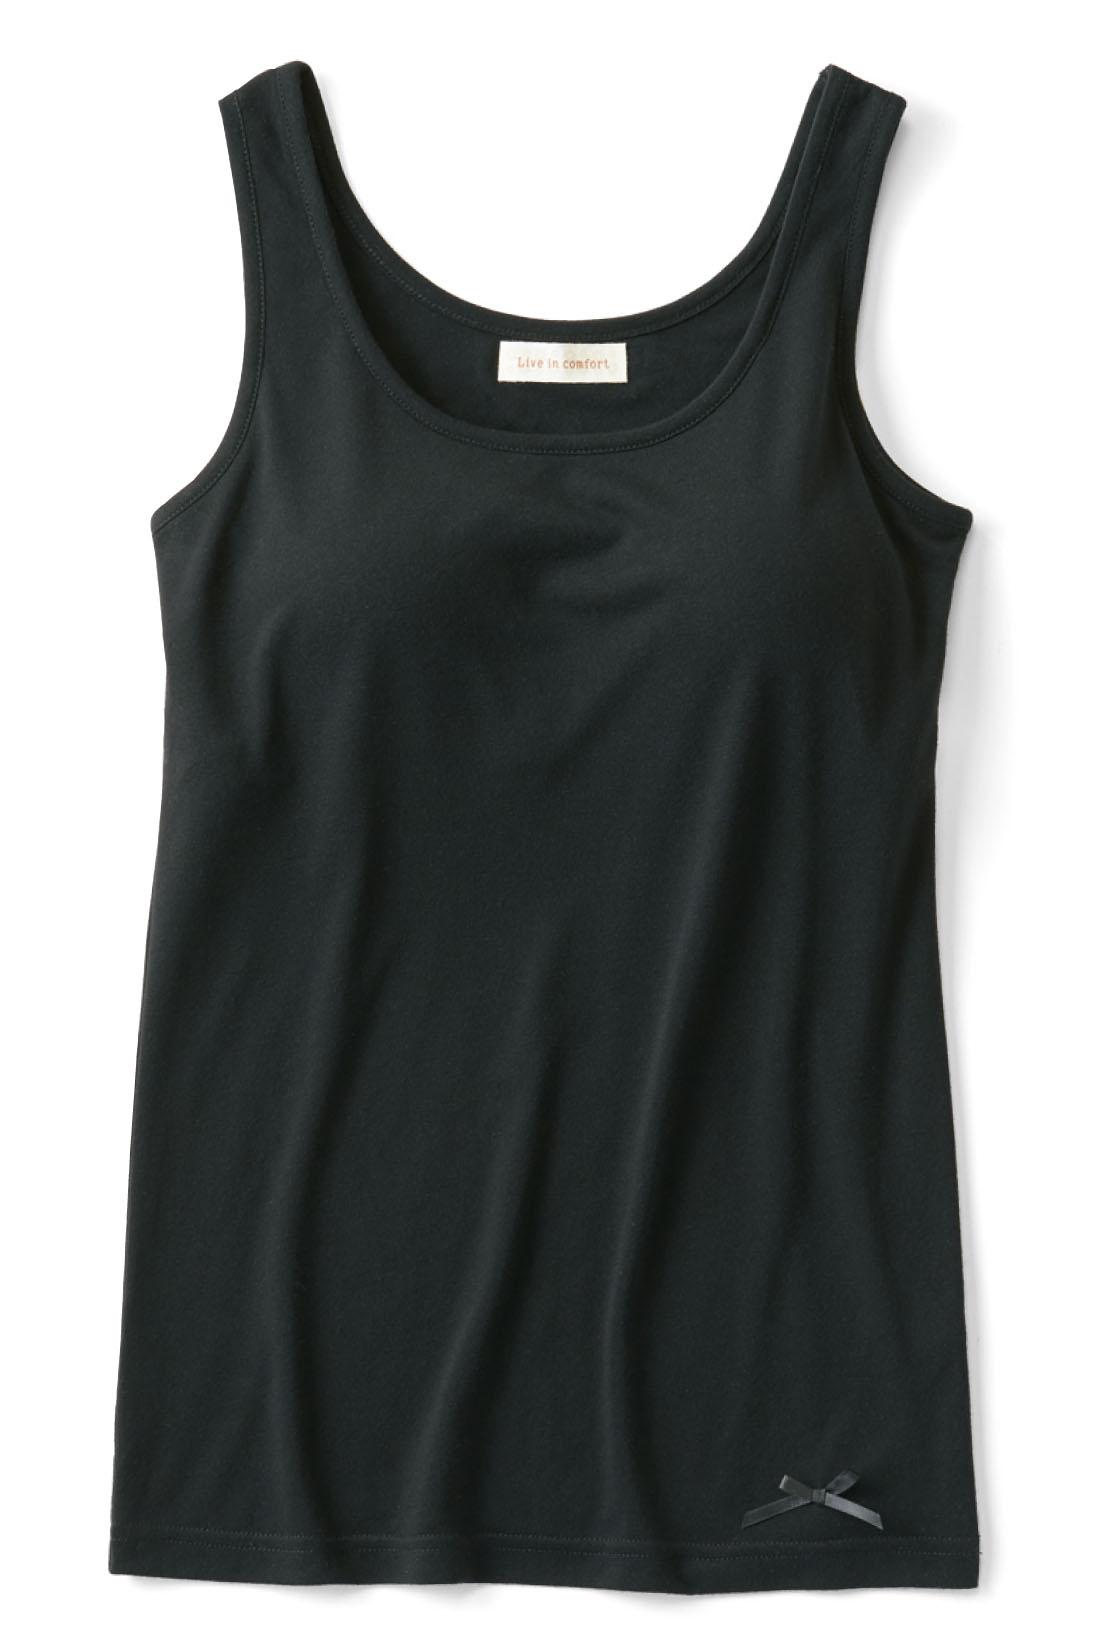 広めの衿開きの服に重ねてもきれいに着られる衿ぐりの開き。リブインの夏服にもぴったり♪